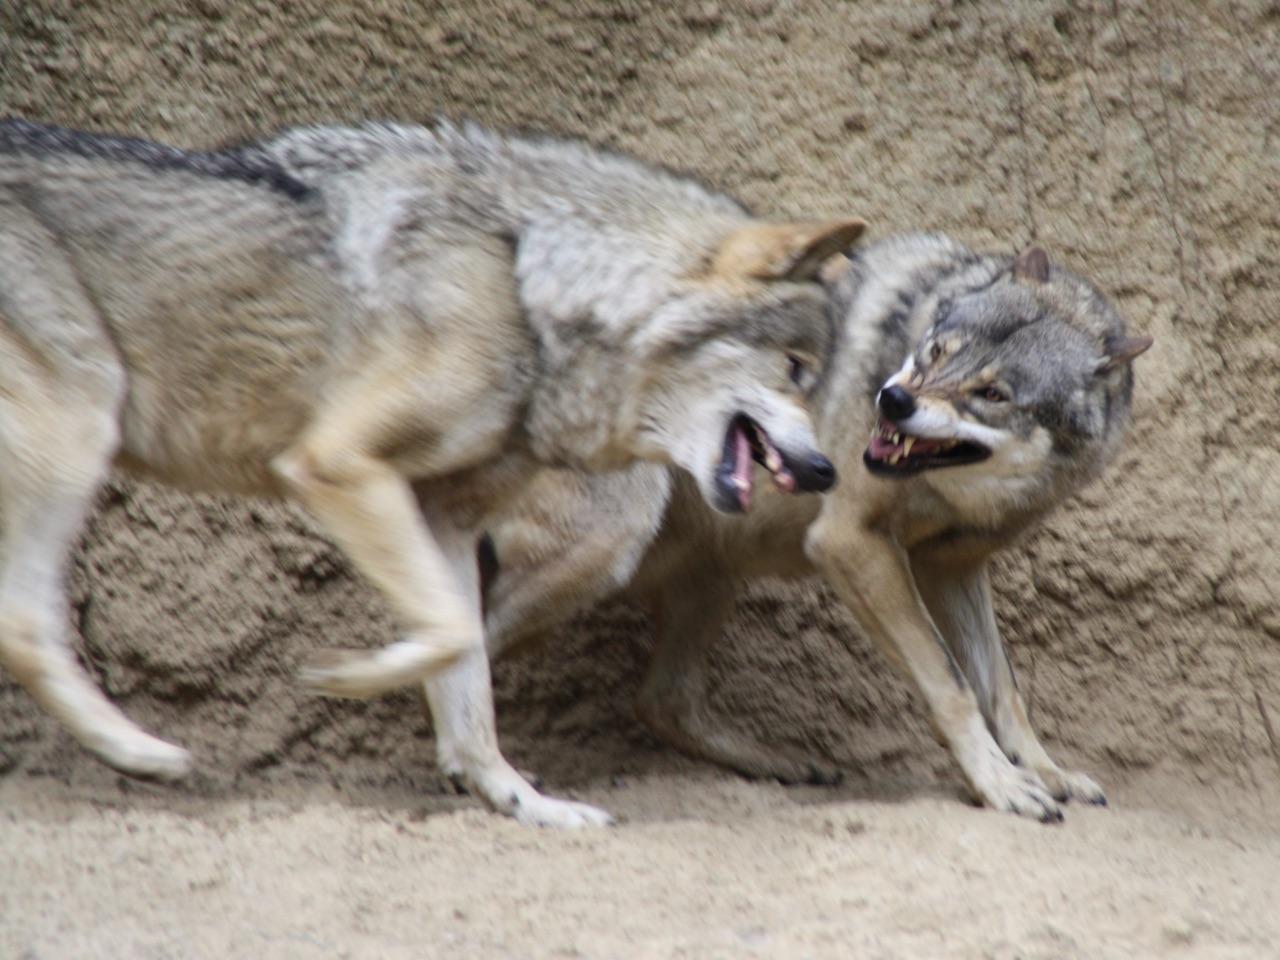 ヨーロッパオオカミ(タイリクオオカミ)